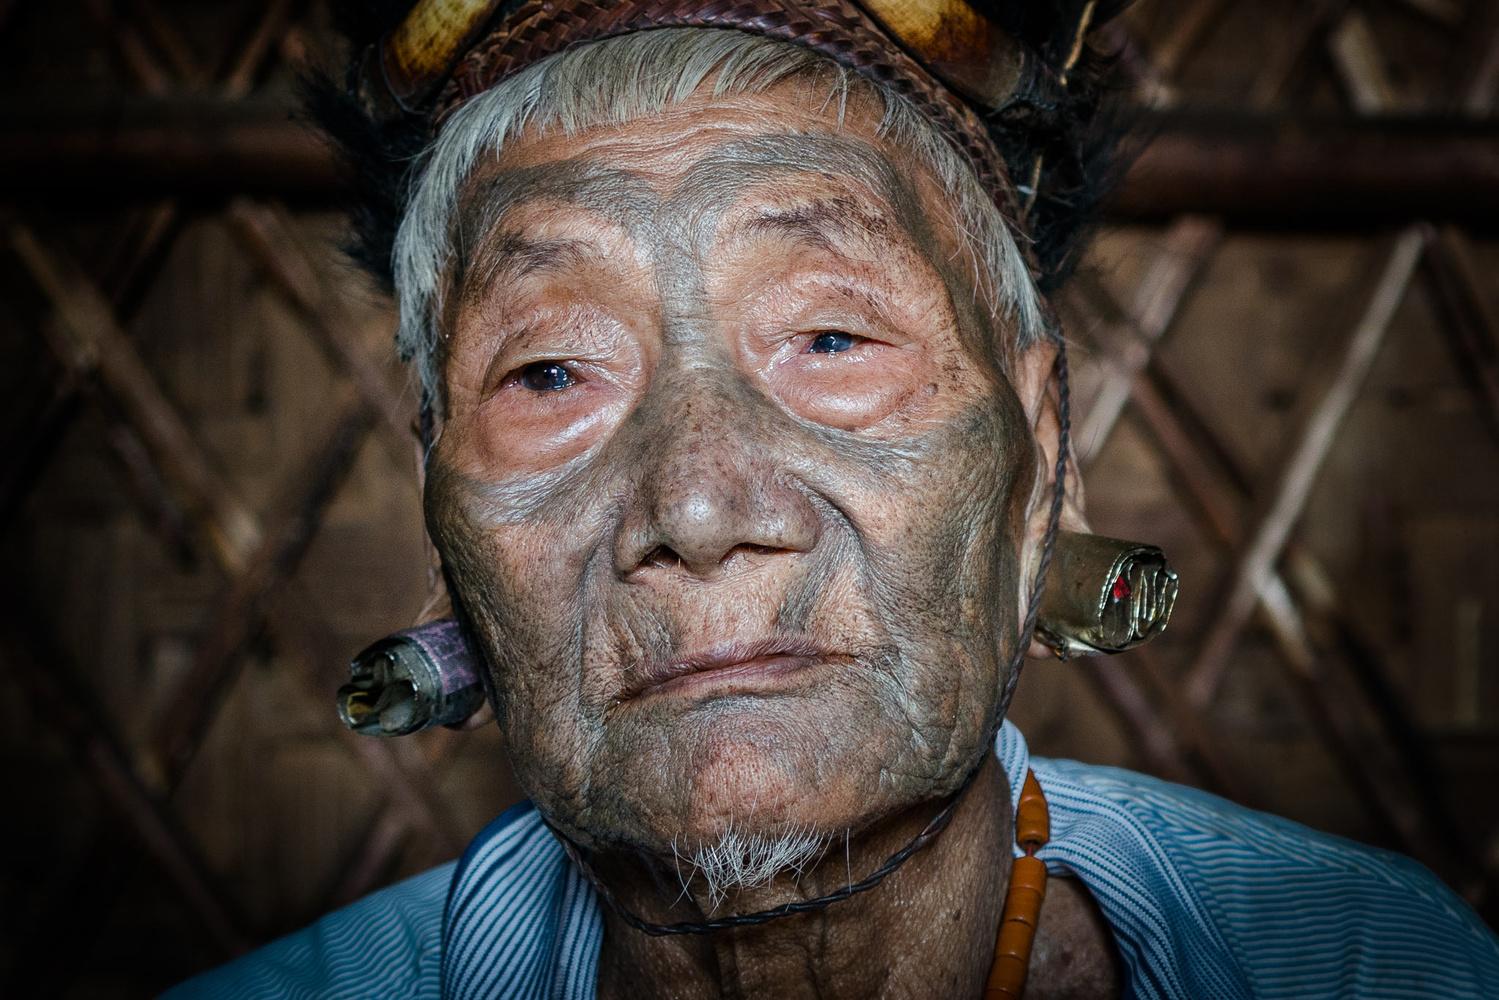 An elderly man in Nagaland